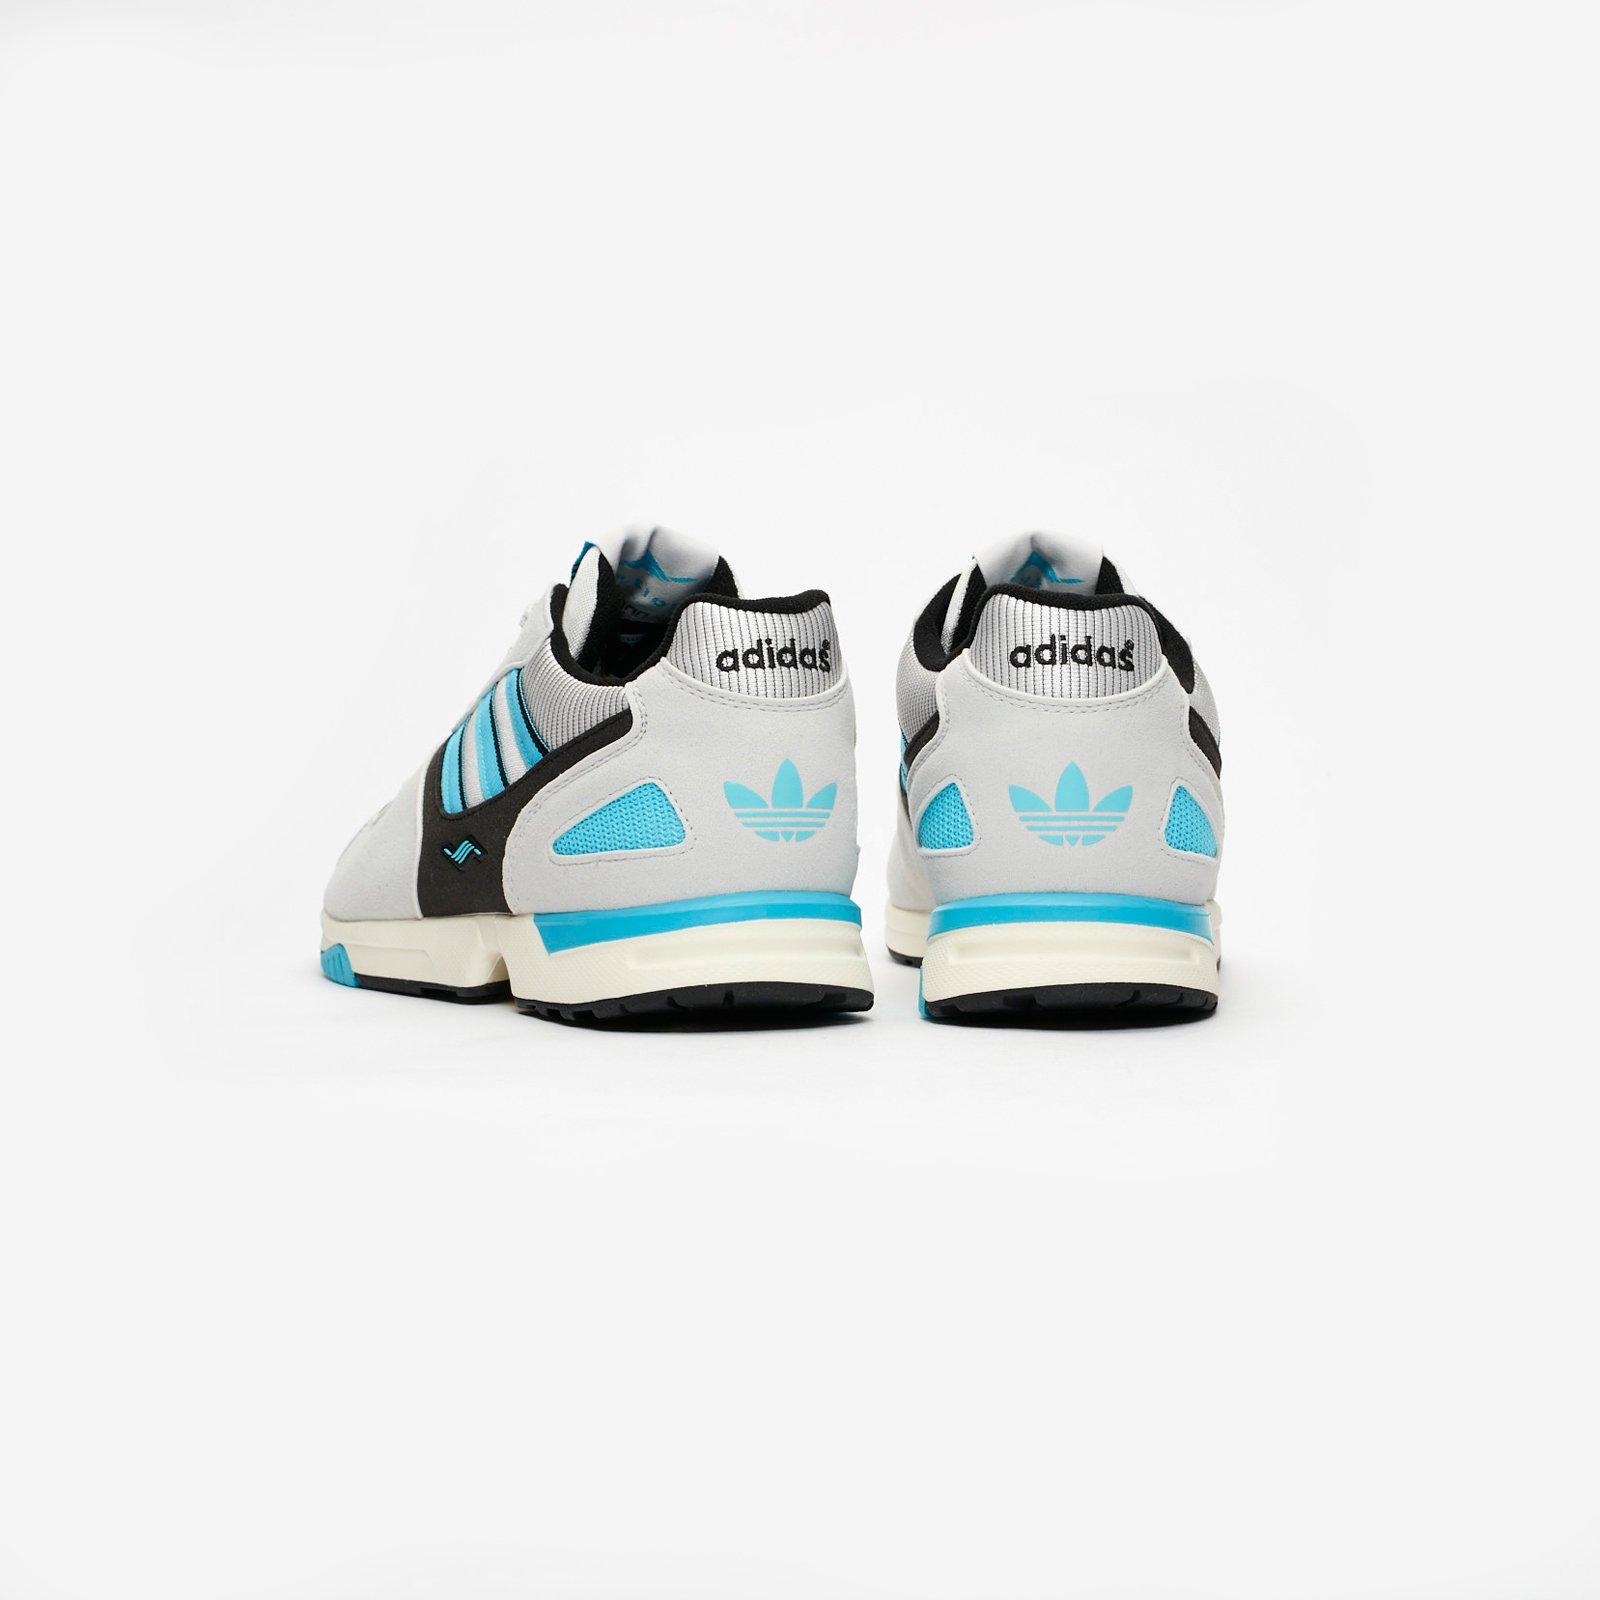 adidas ZX 4000 x Consortium D97734 Sneakersnstuff